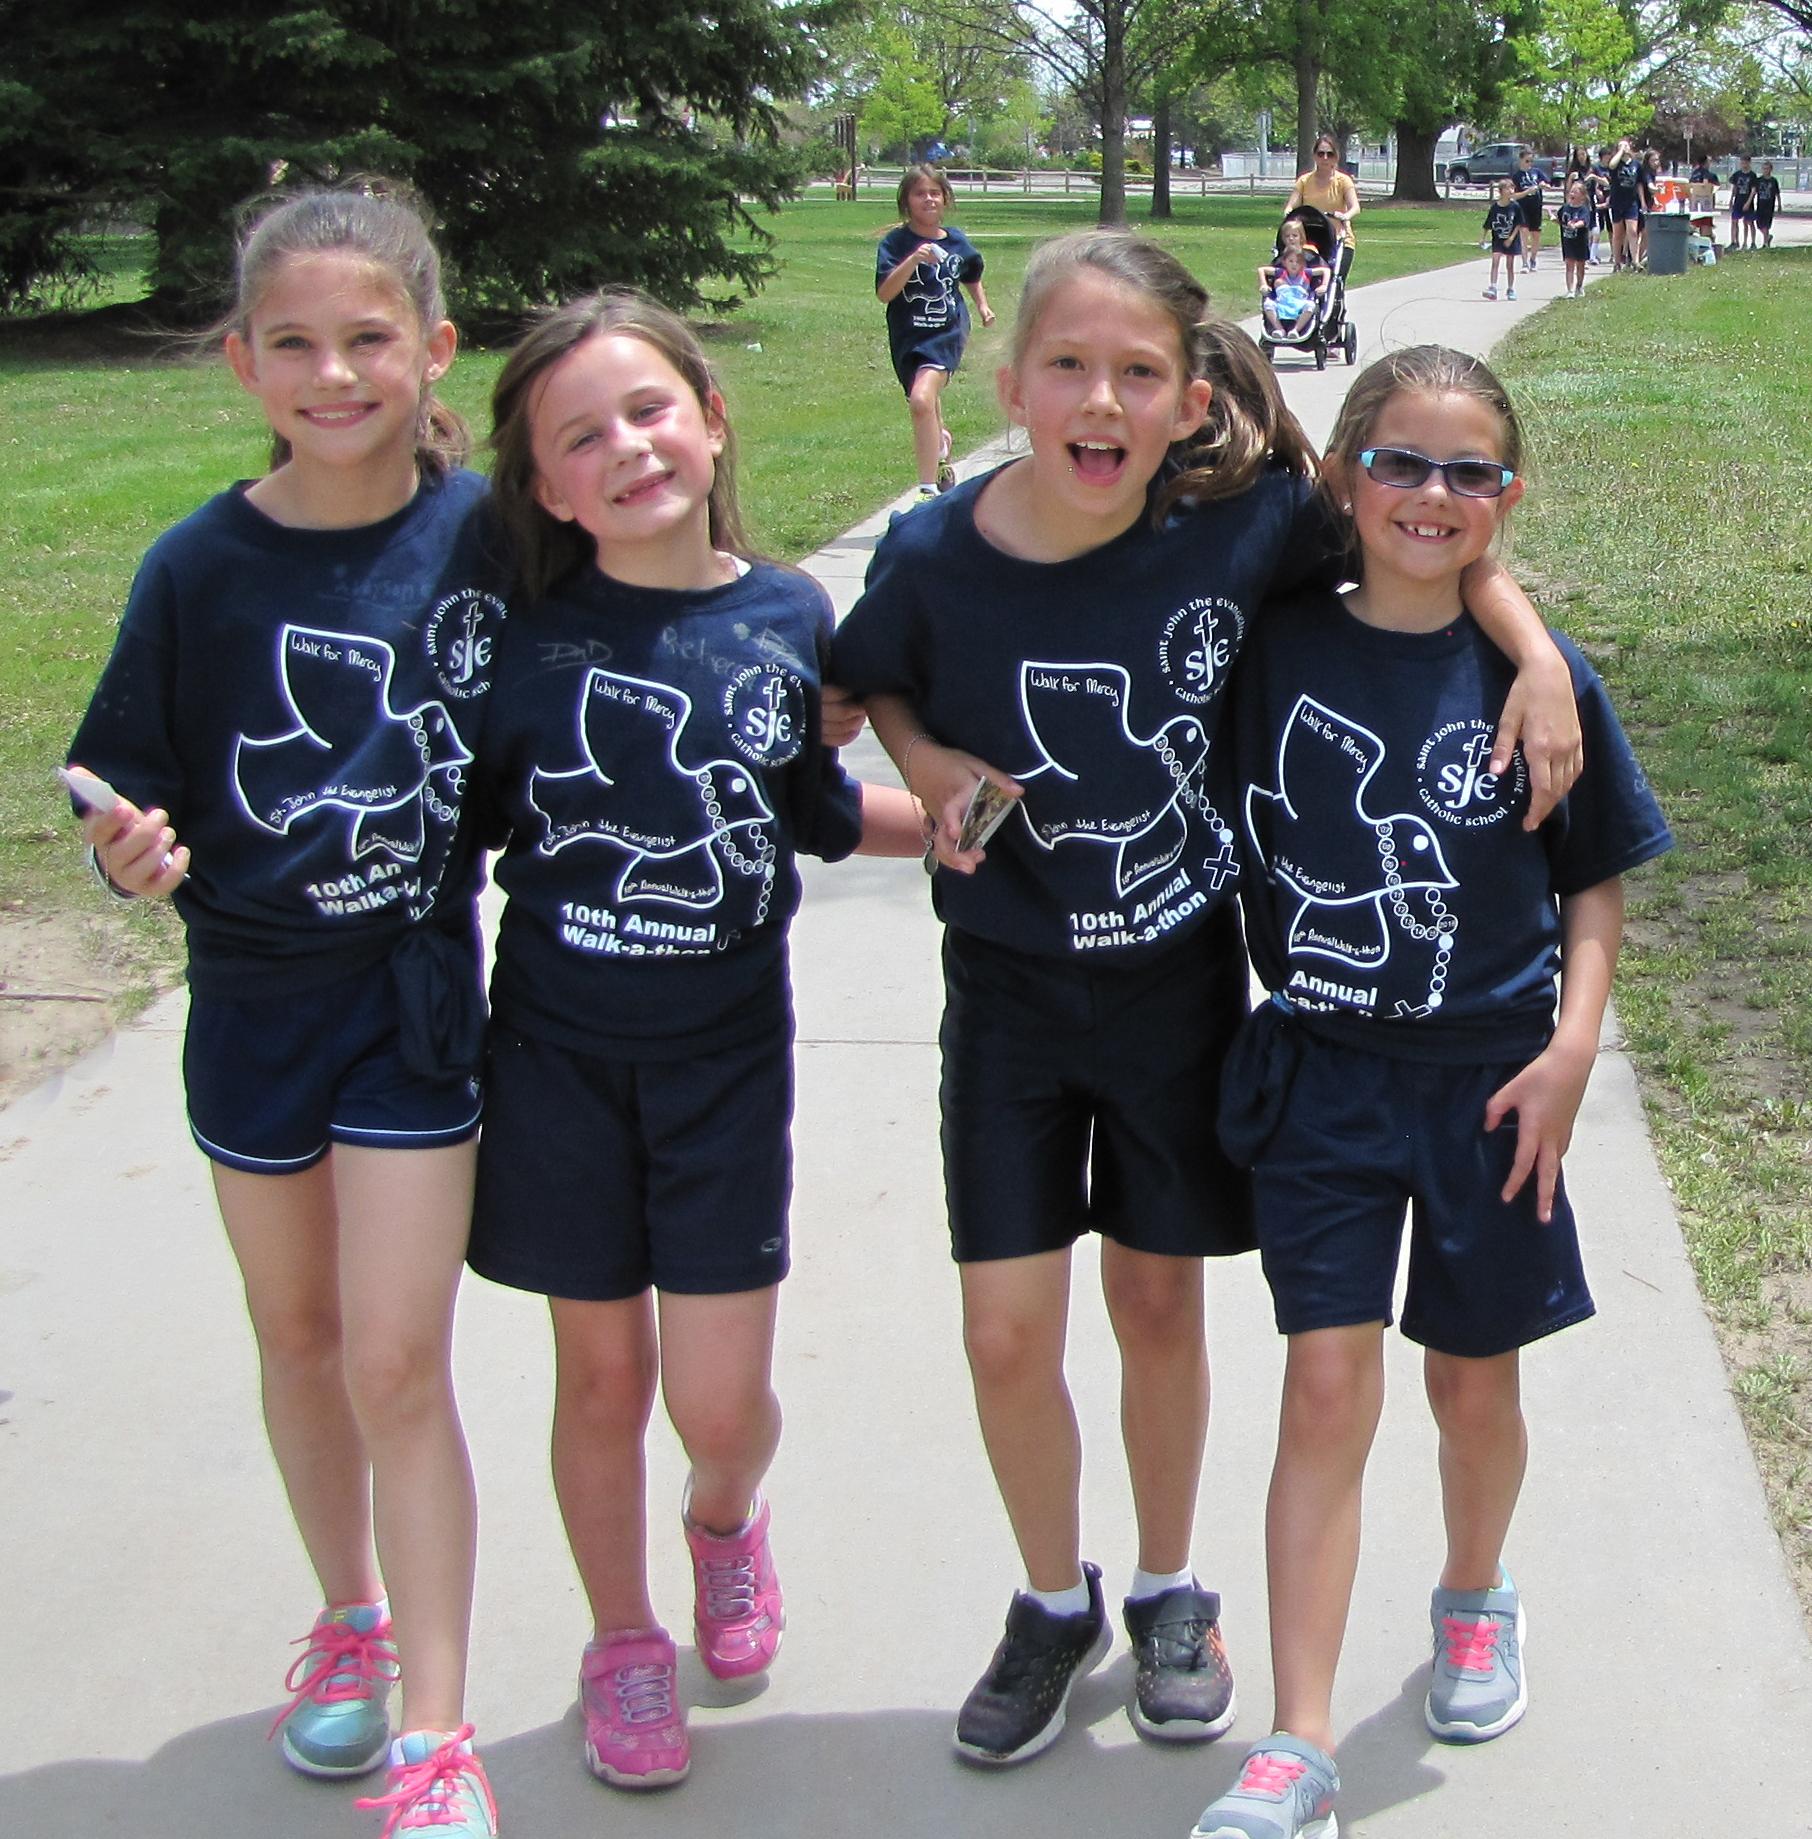 Christian school walk-a-thon 2